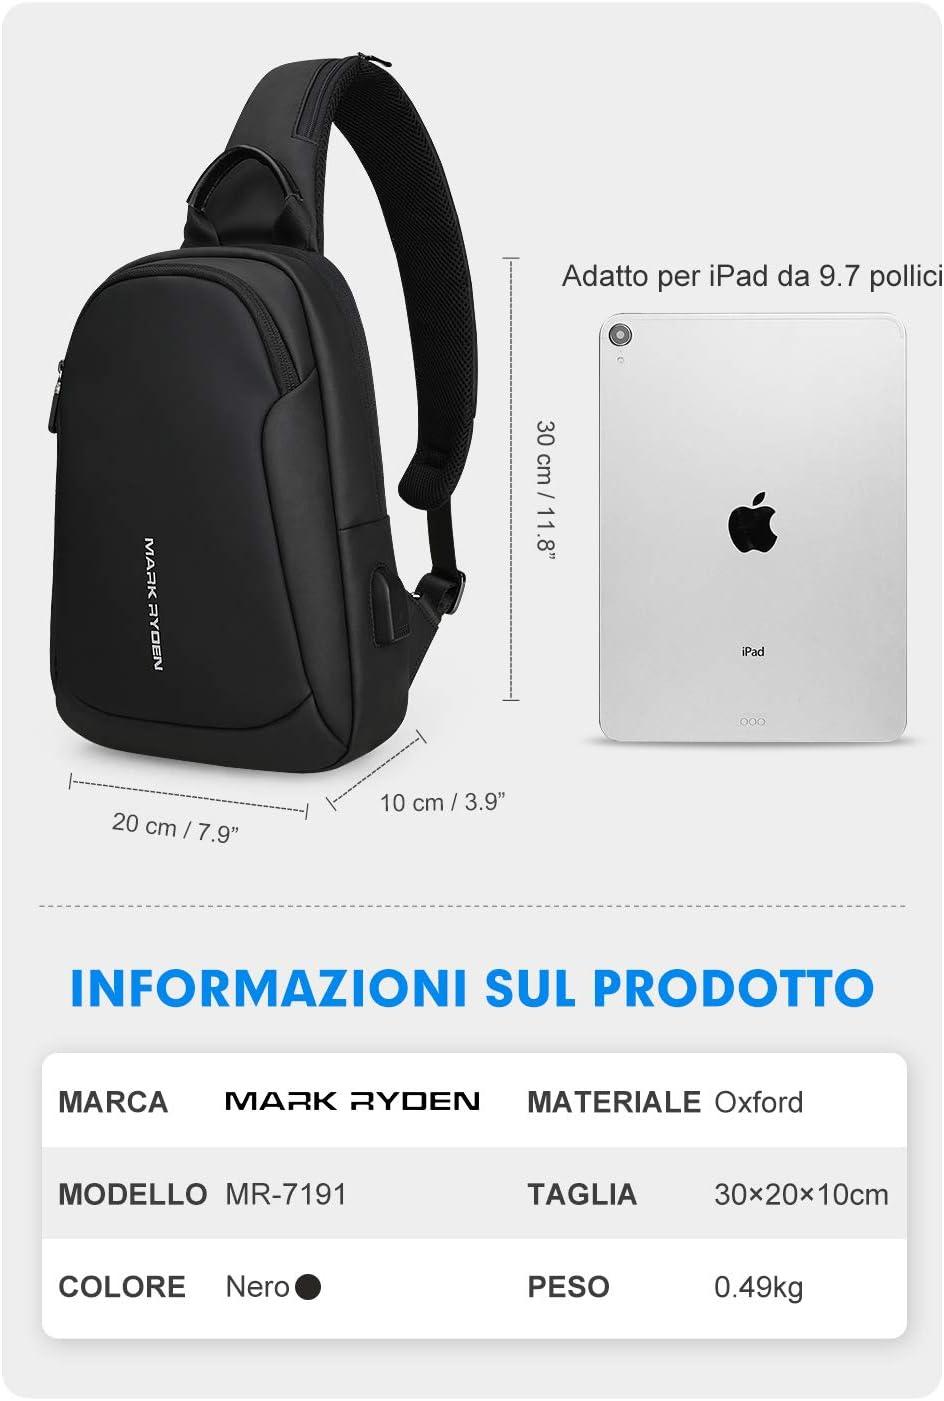 MARK RYDEN Anti-Diebstahl-Schlinge Chest Bag Handtasche f/ür M/änner Wasserdicht Crossbody Reise Umh/ängetasche Fit f/ür 9,7 ipad